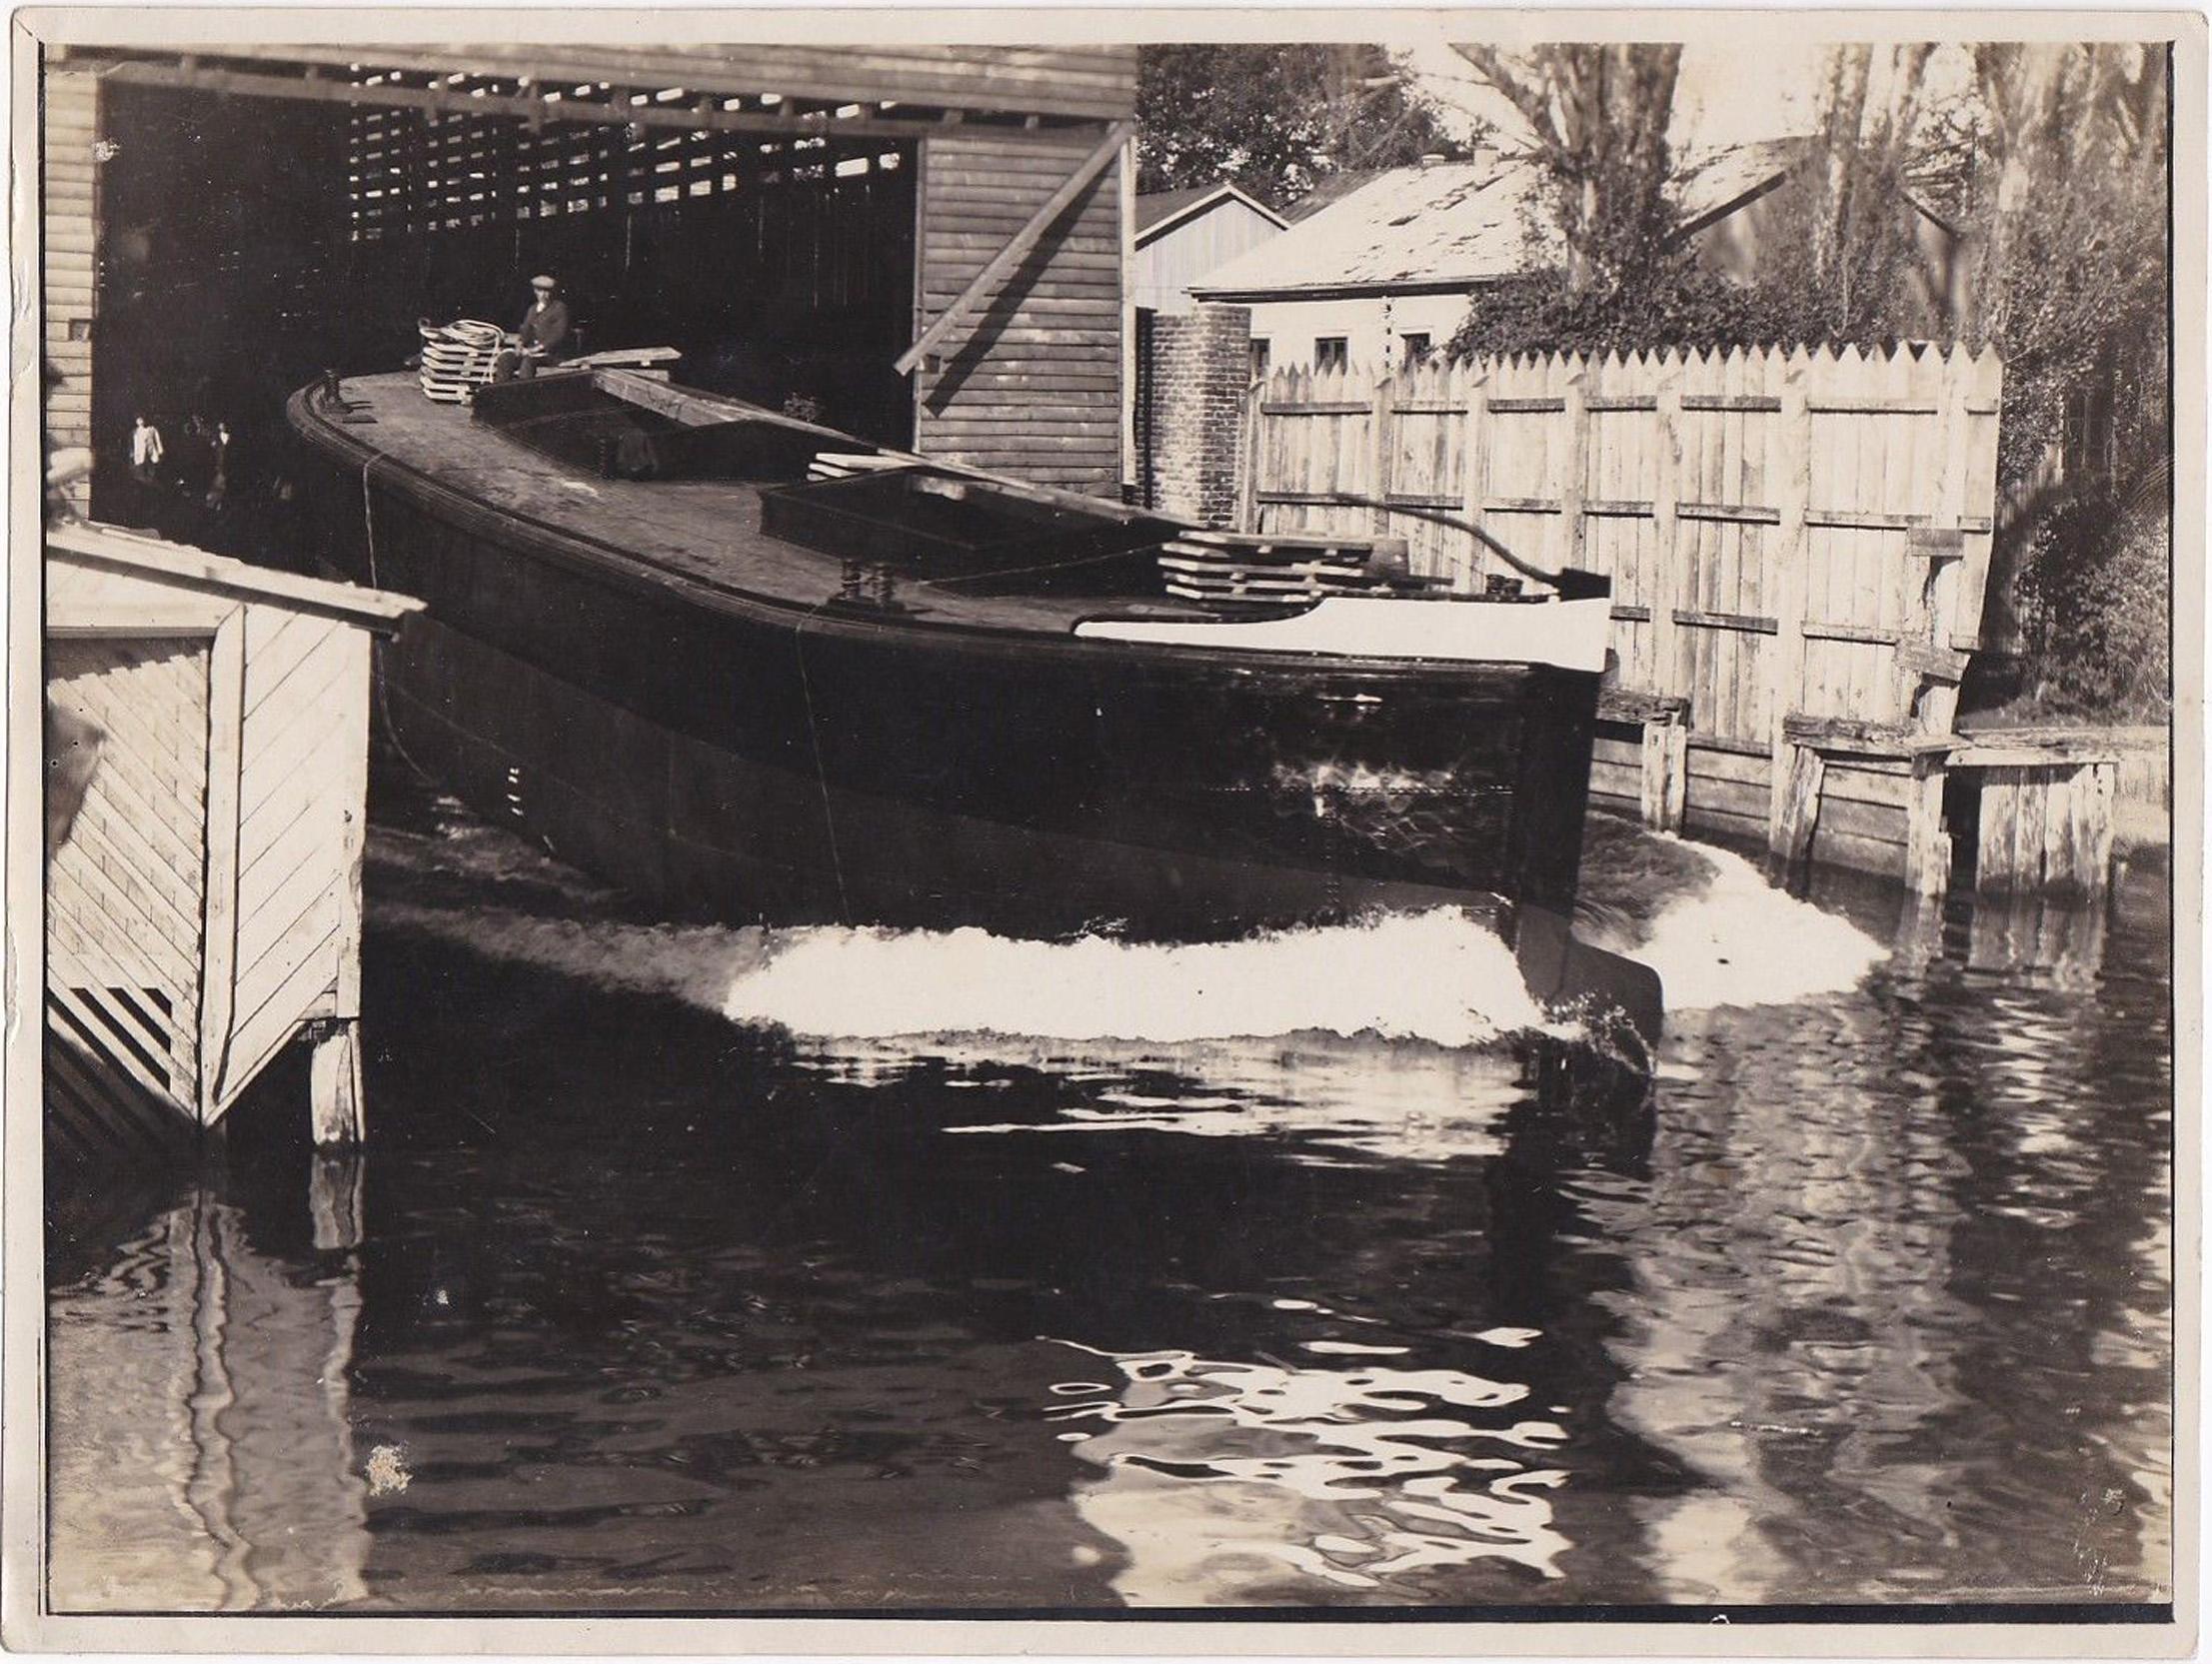 Enterreno - Fotos históricas de chile - fotos antiguas de Chile - Astillero de Valdivia en 1927